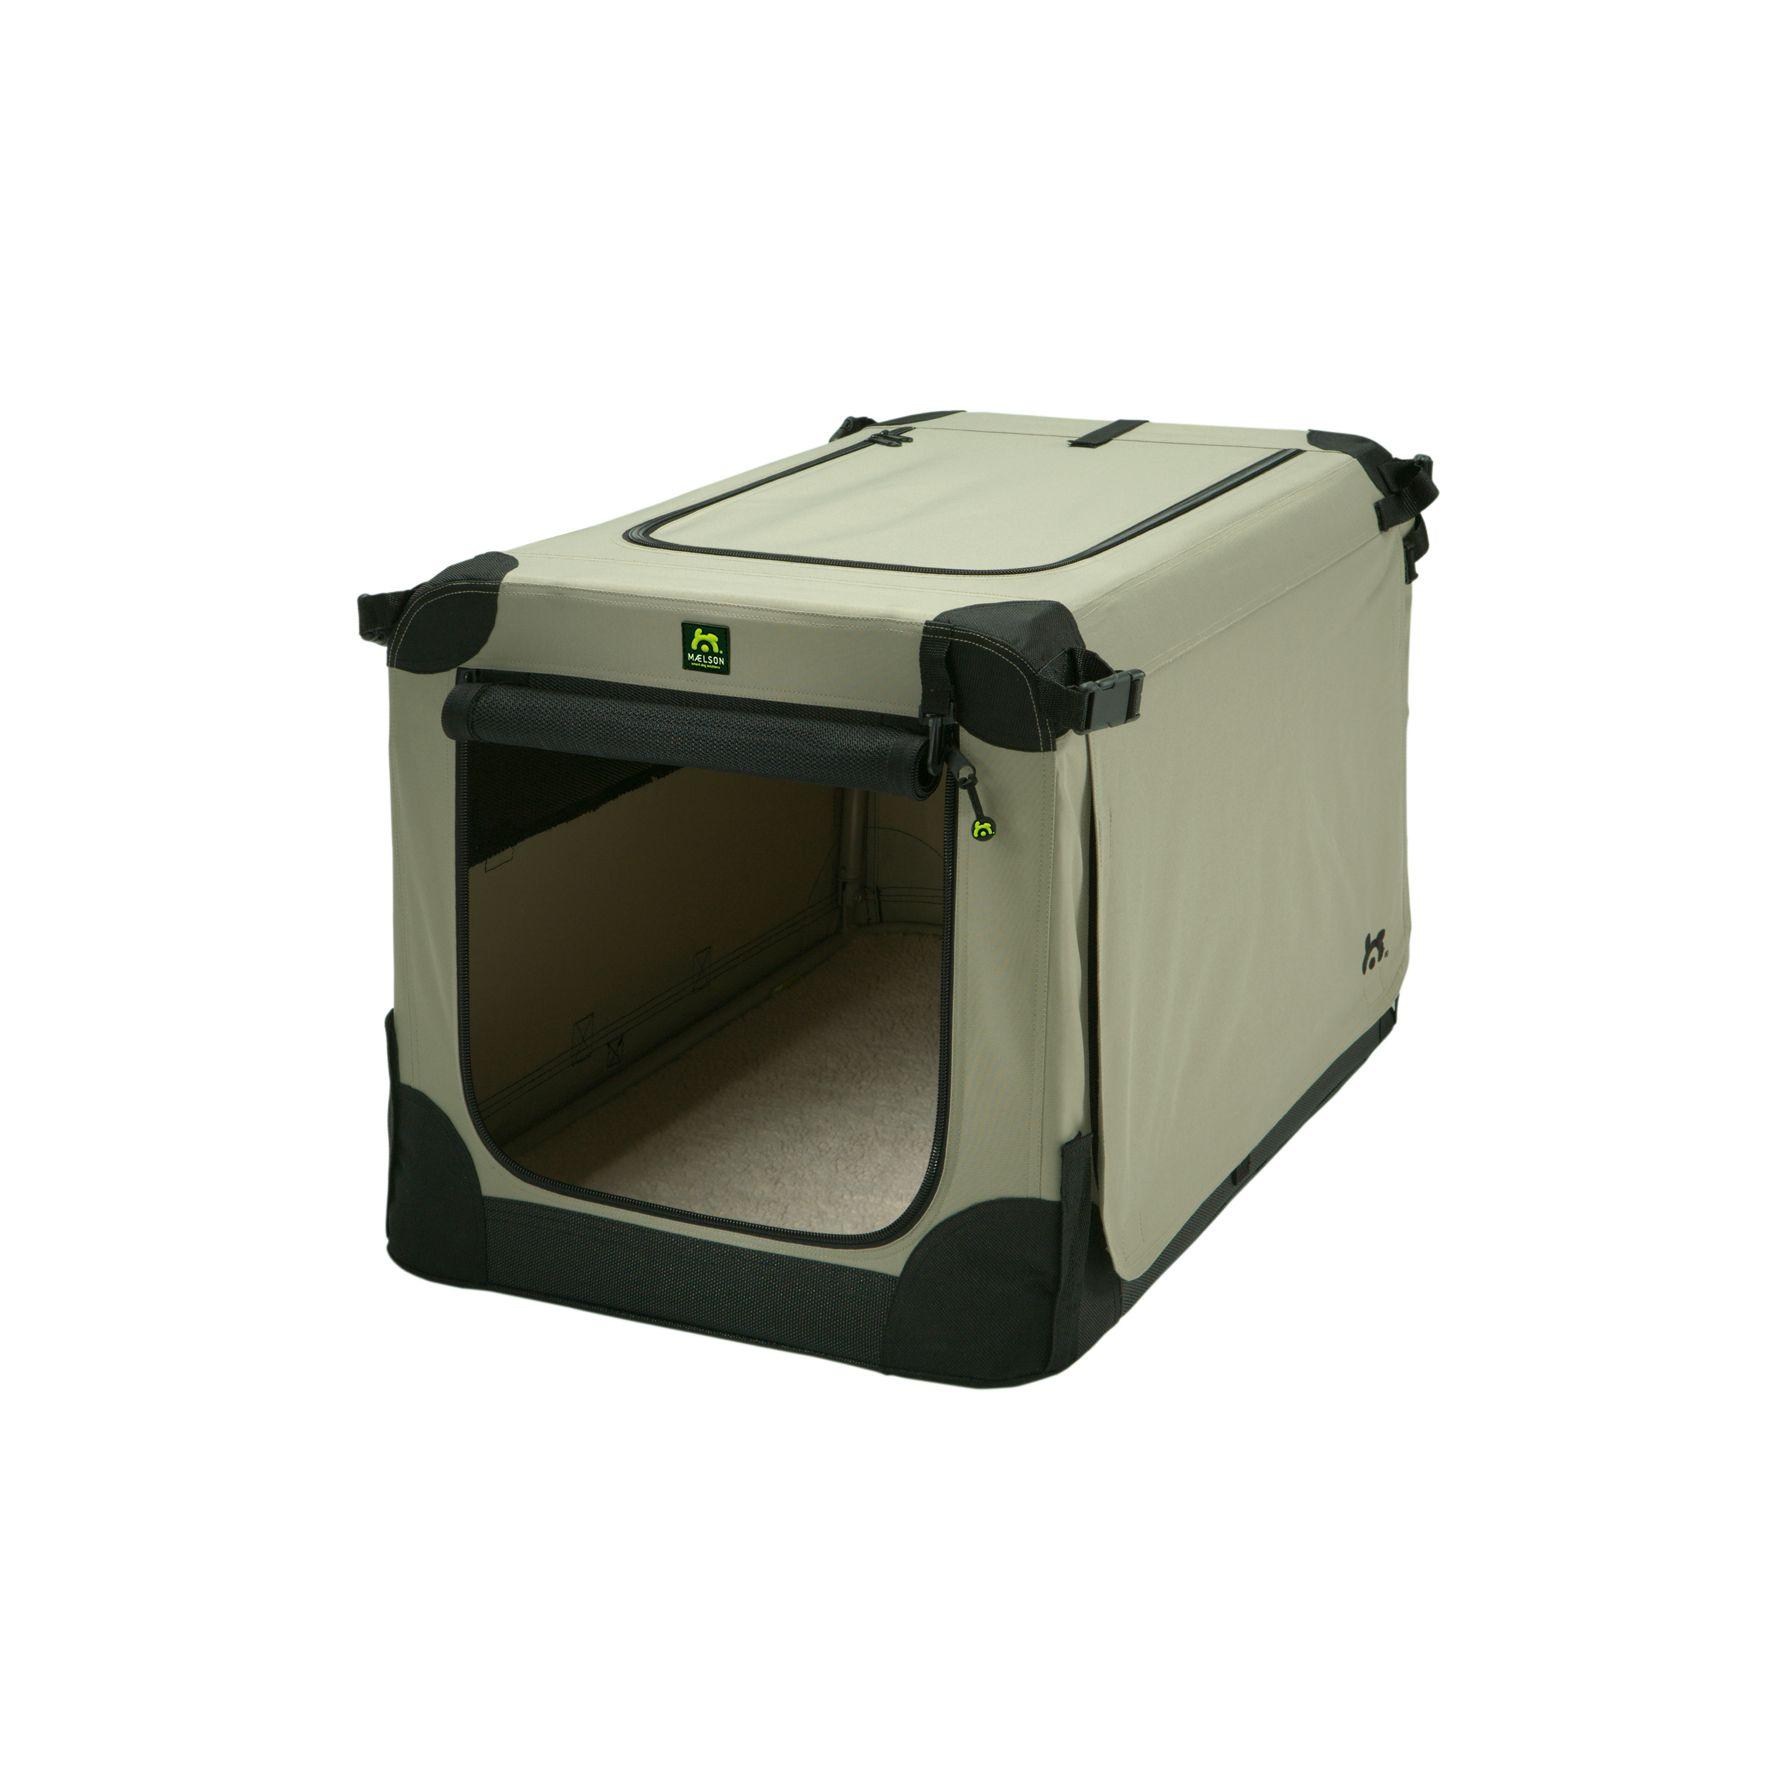 Přepravka pro psy Maelson - černo-béžová - S, 62x41x41 cm